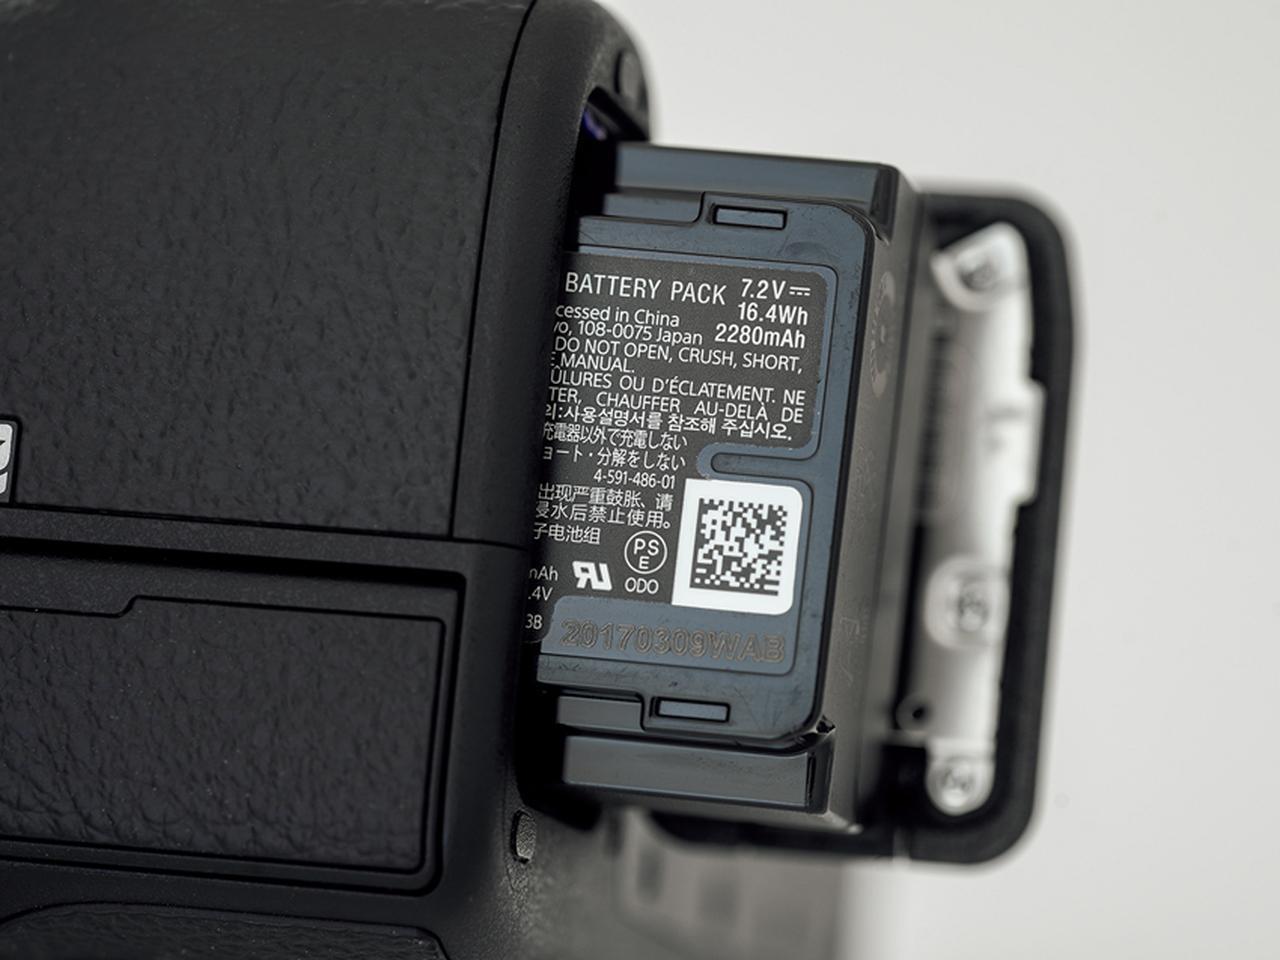 画像: α9以降のモデルに採用されている大容量バッテリー。モニター撮影時は710枚撮れるうえ、寒冷な条件にも強くなったのがうれしい。